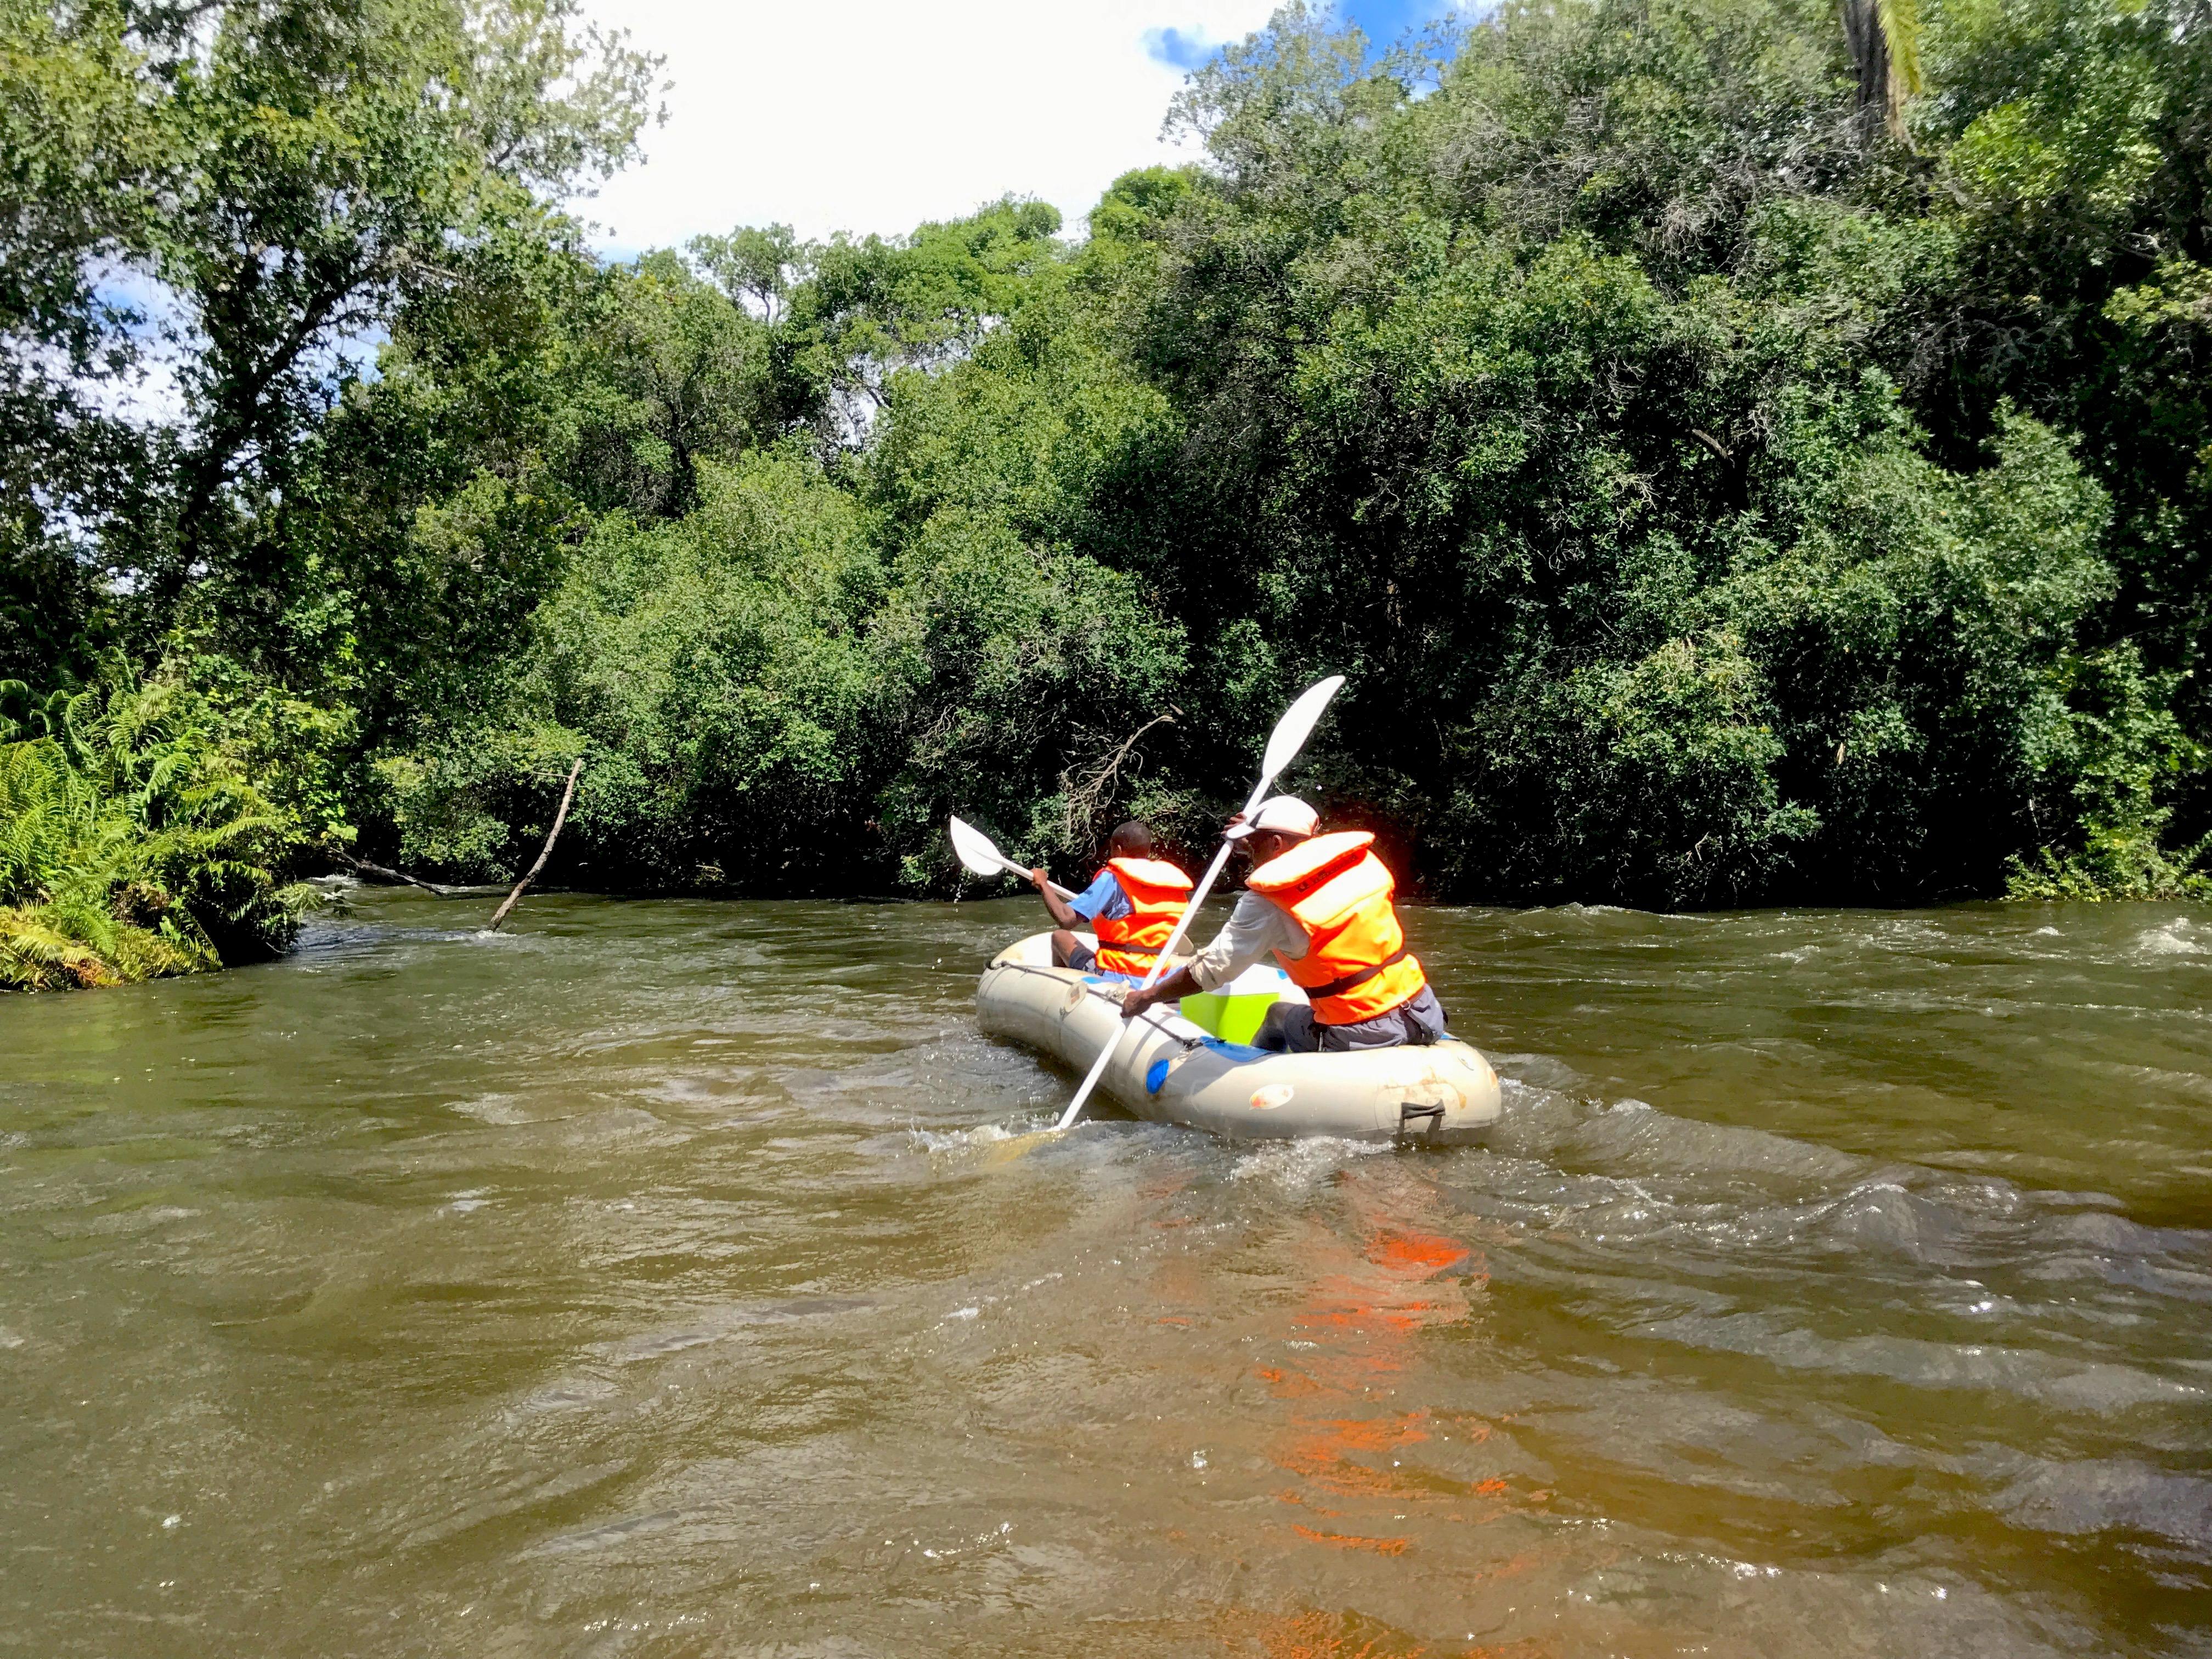 canoeing-royalchundu-zambezi-lustforthesublime